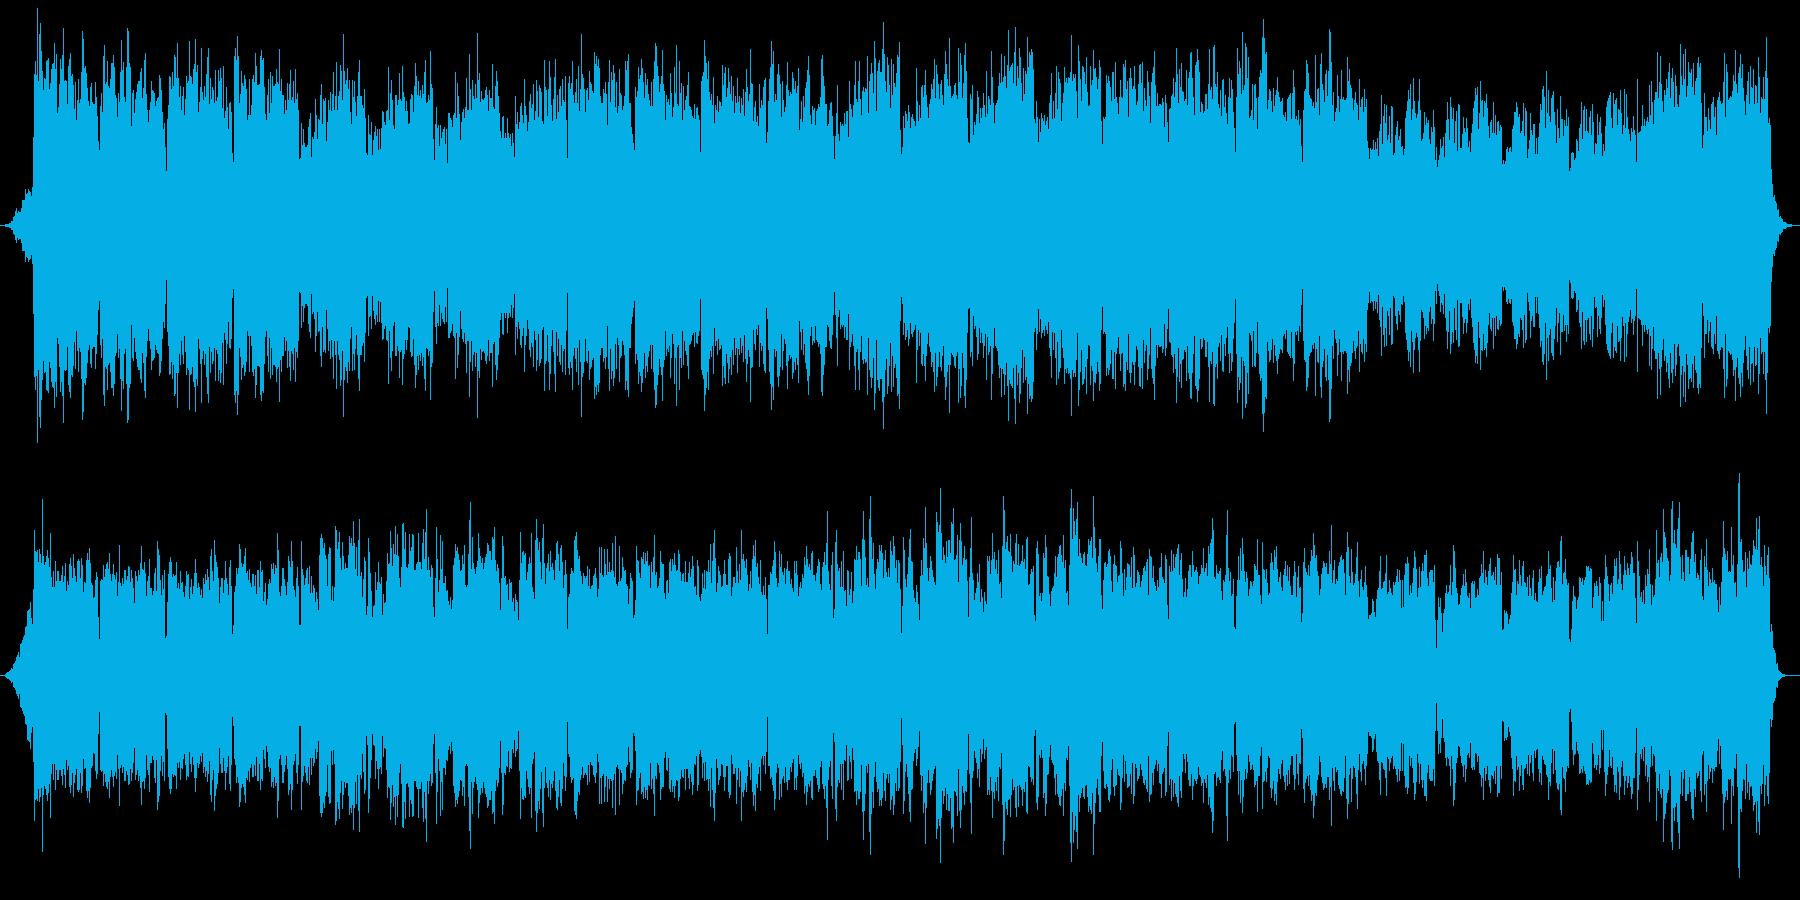 レクイエム的なヒーリング音楽の再生済みの波形